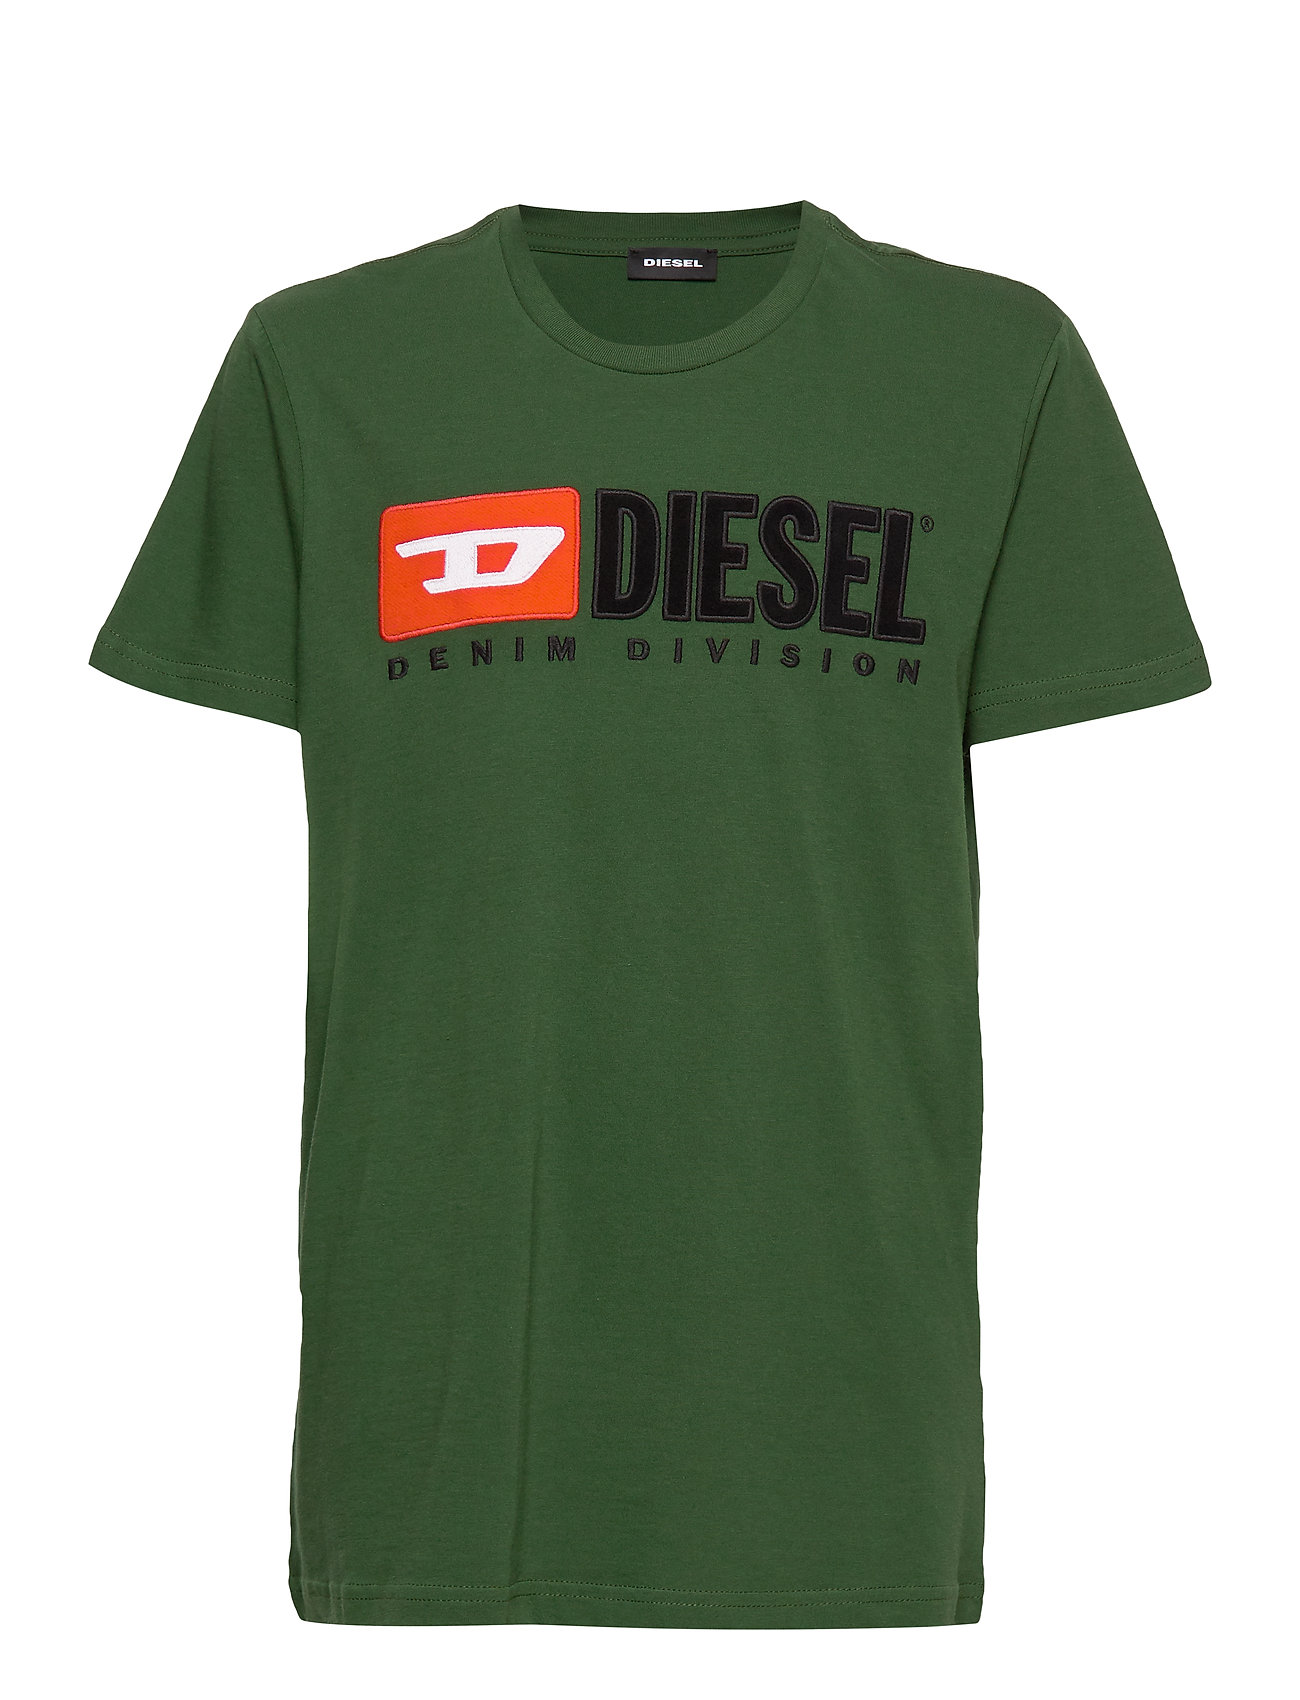 Diesel TJUSTDIVISION T-SHIRT - DARK GREEN